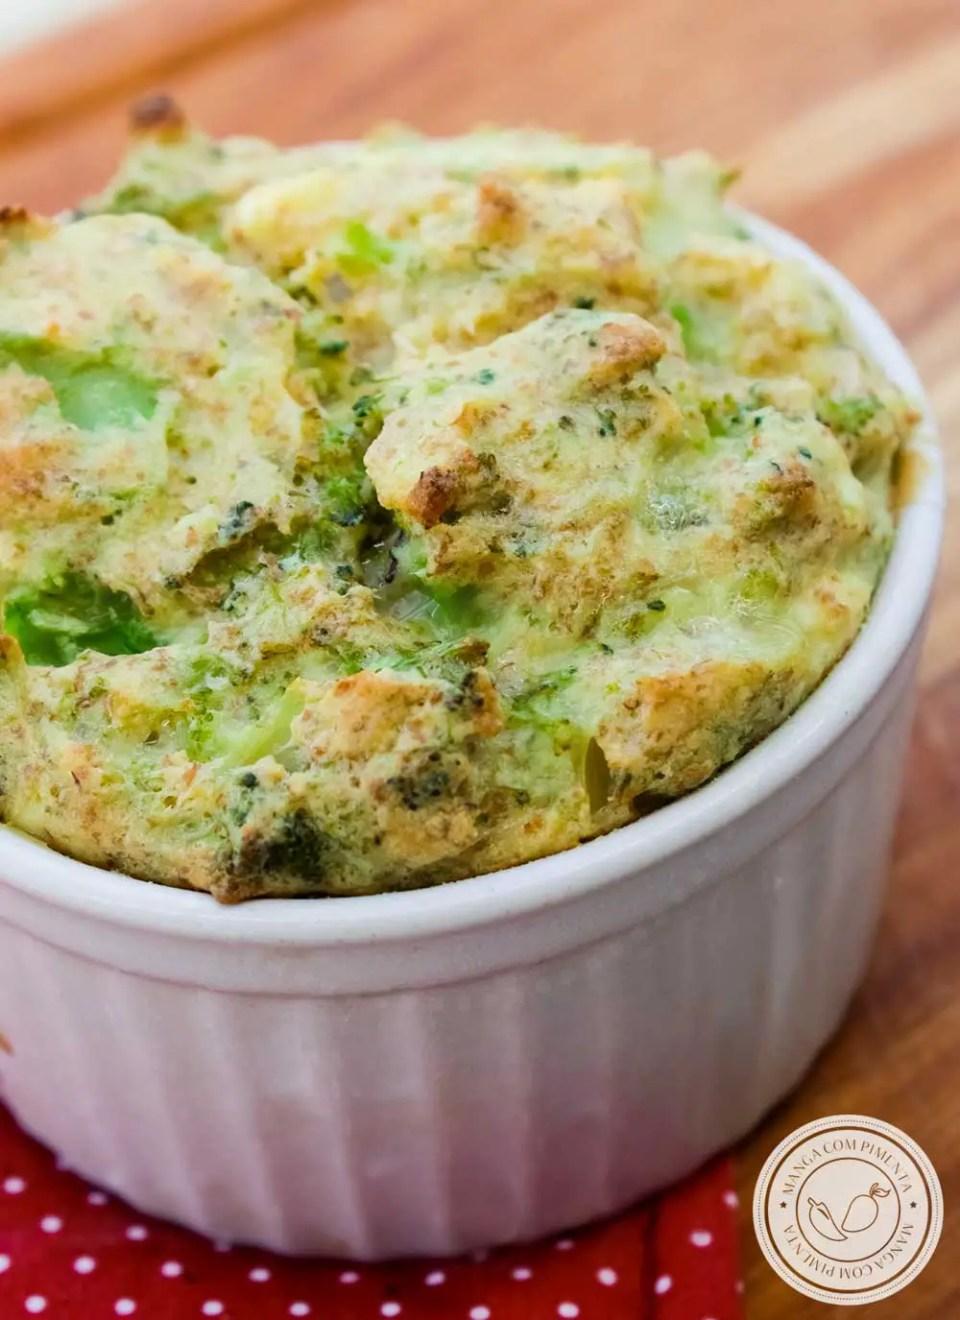 Receita de Suflê de brócolis Integral - um prato nutritivo para o almoço da semana da família.